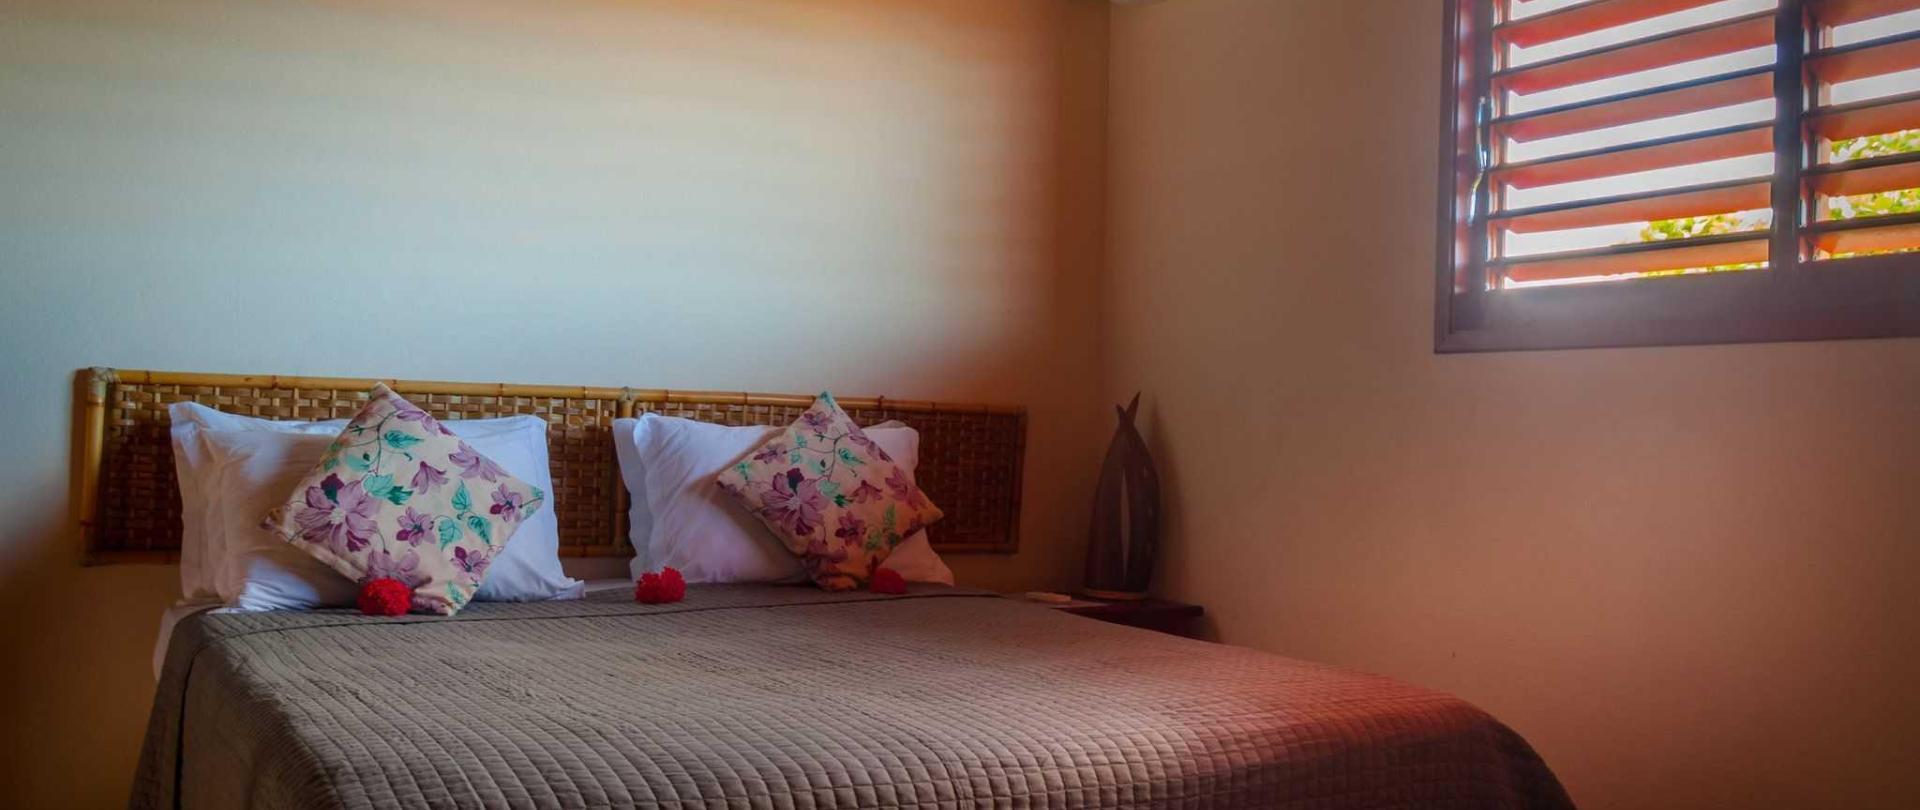 cama-queen-e-ar-condicionado.jpg